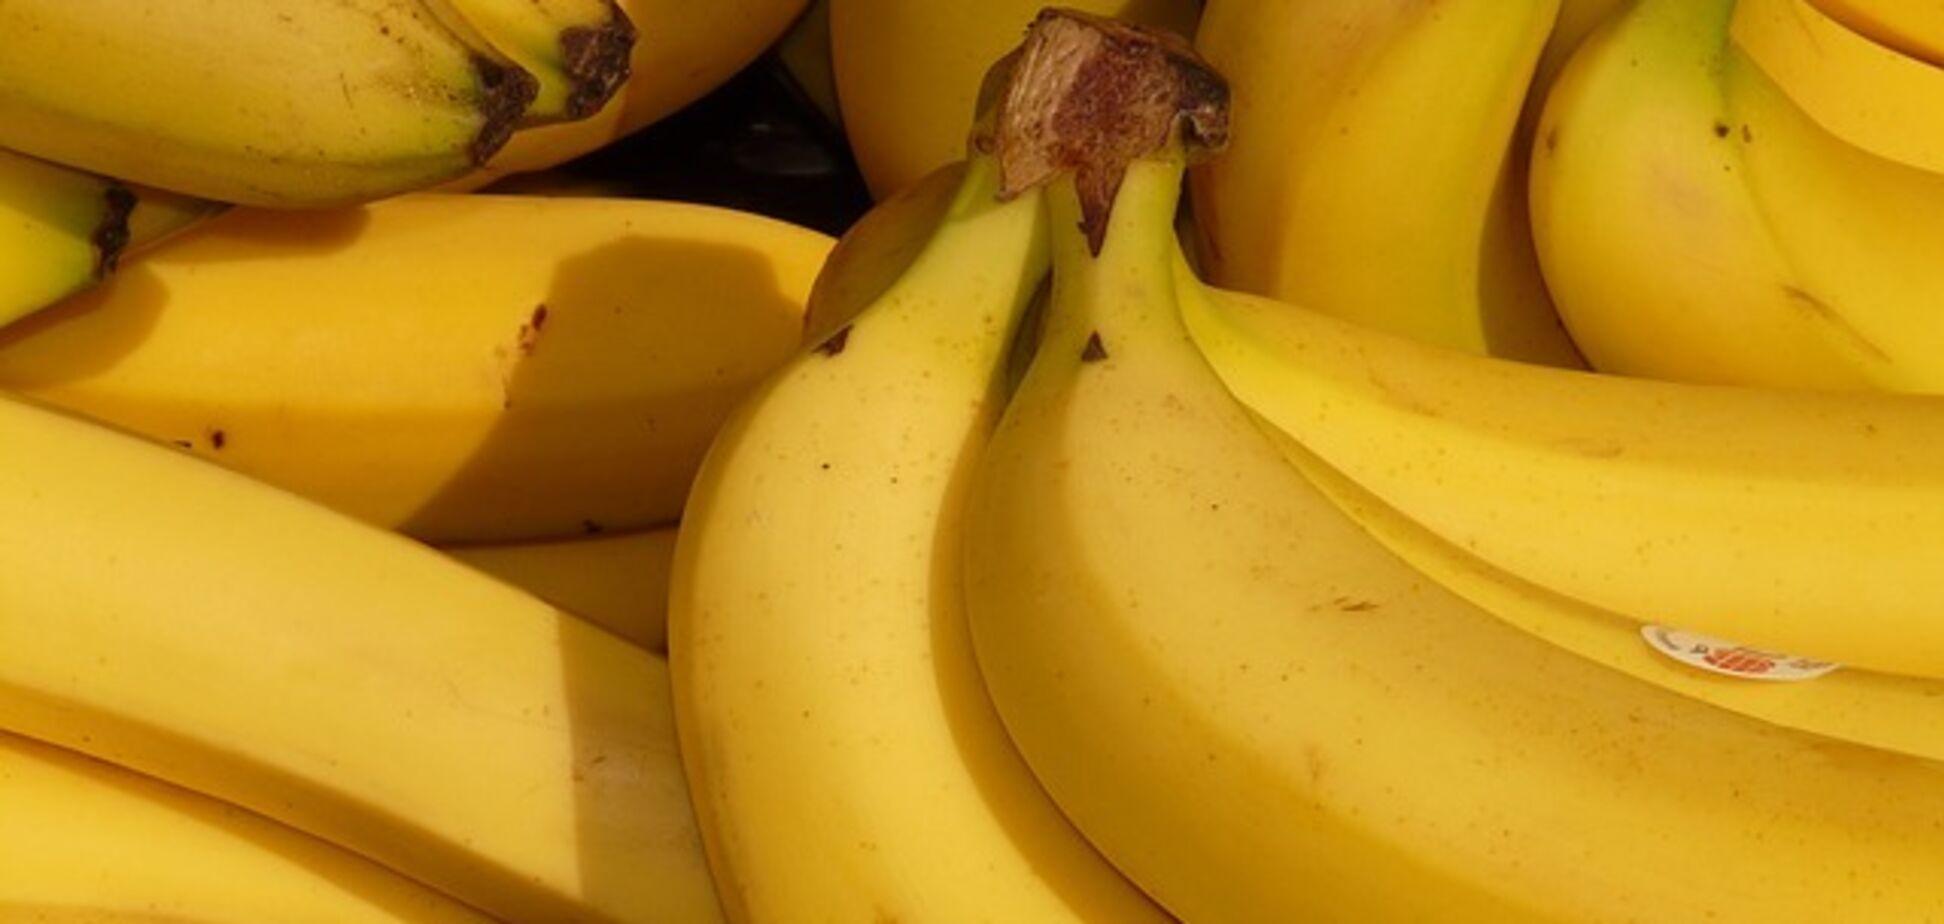 Банановую кожуру предложили как альтернативу мясу и потерпели фиаско